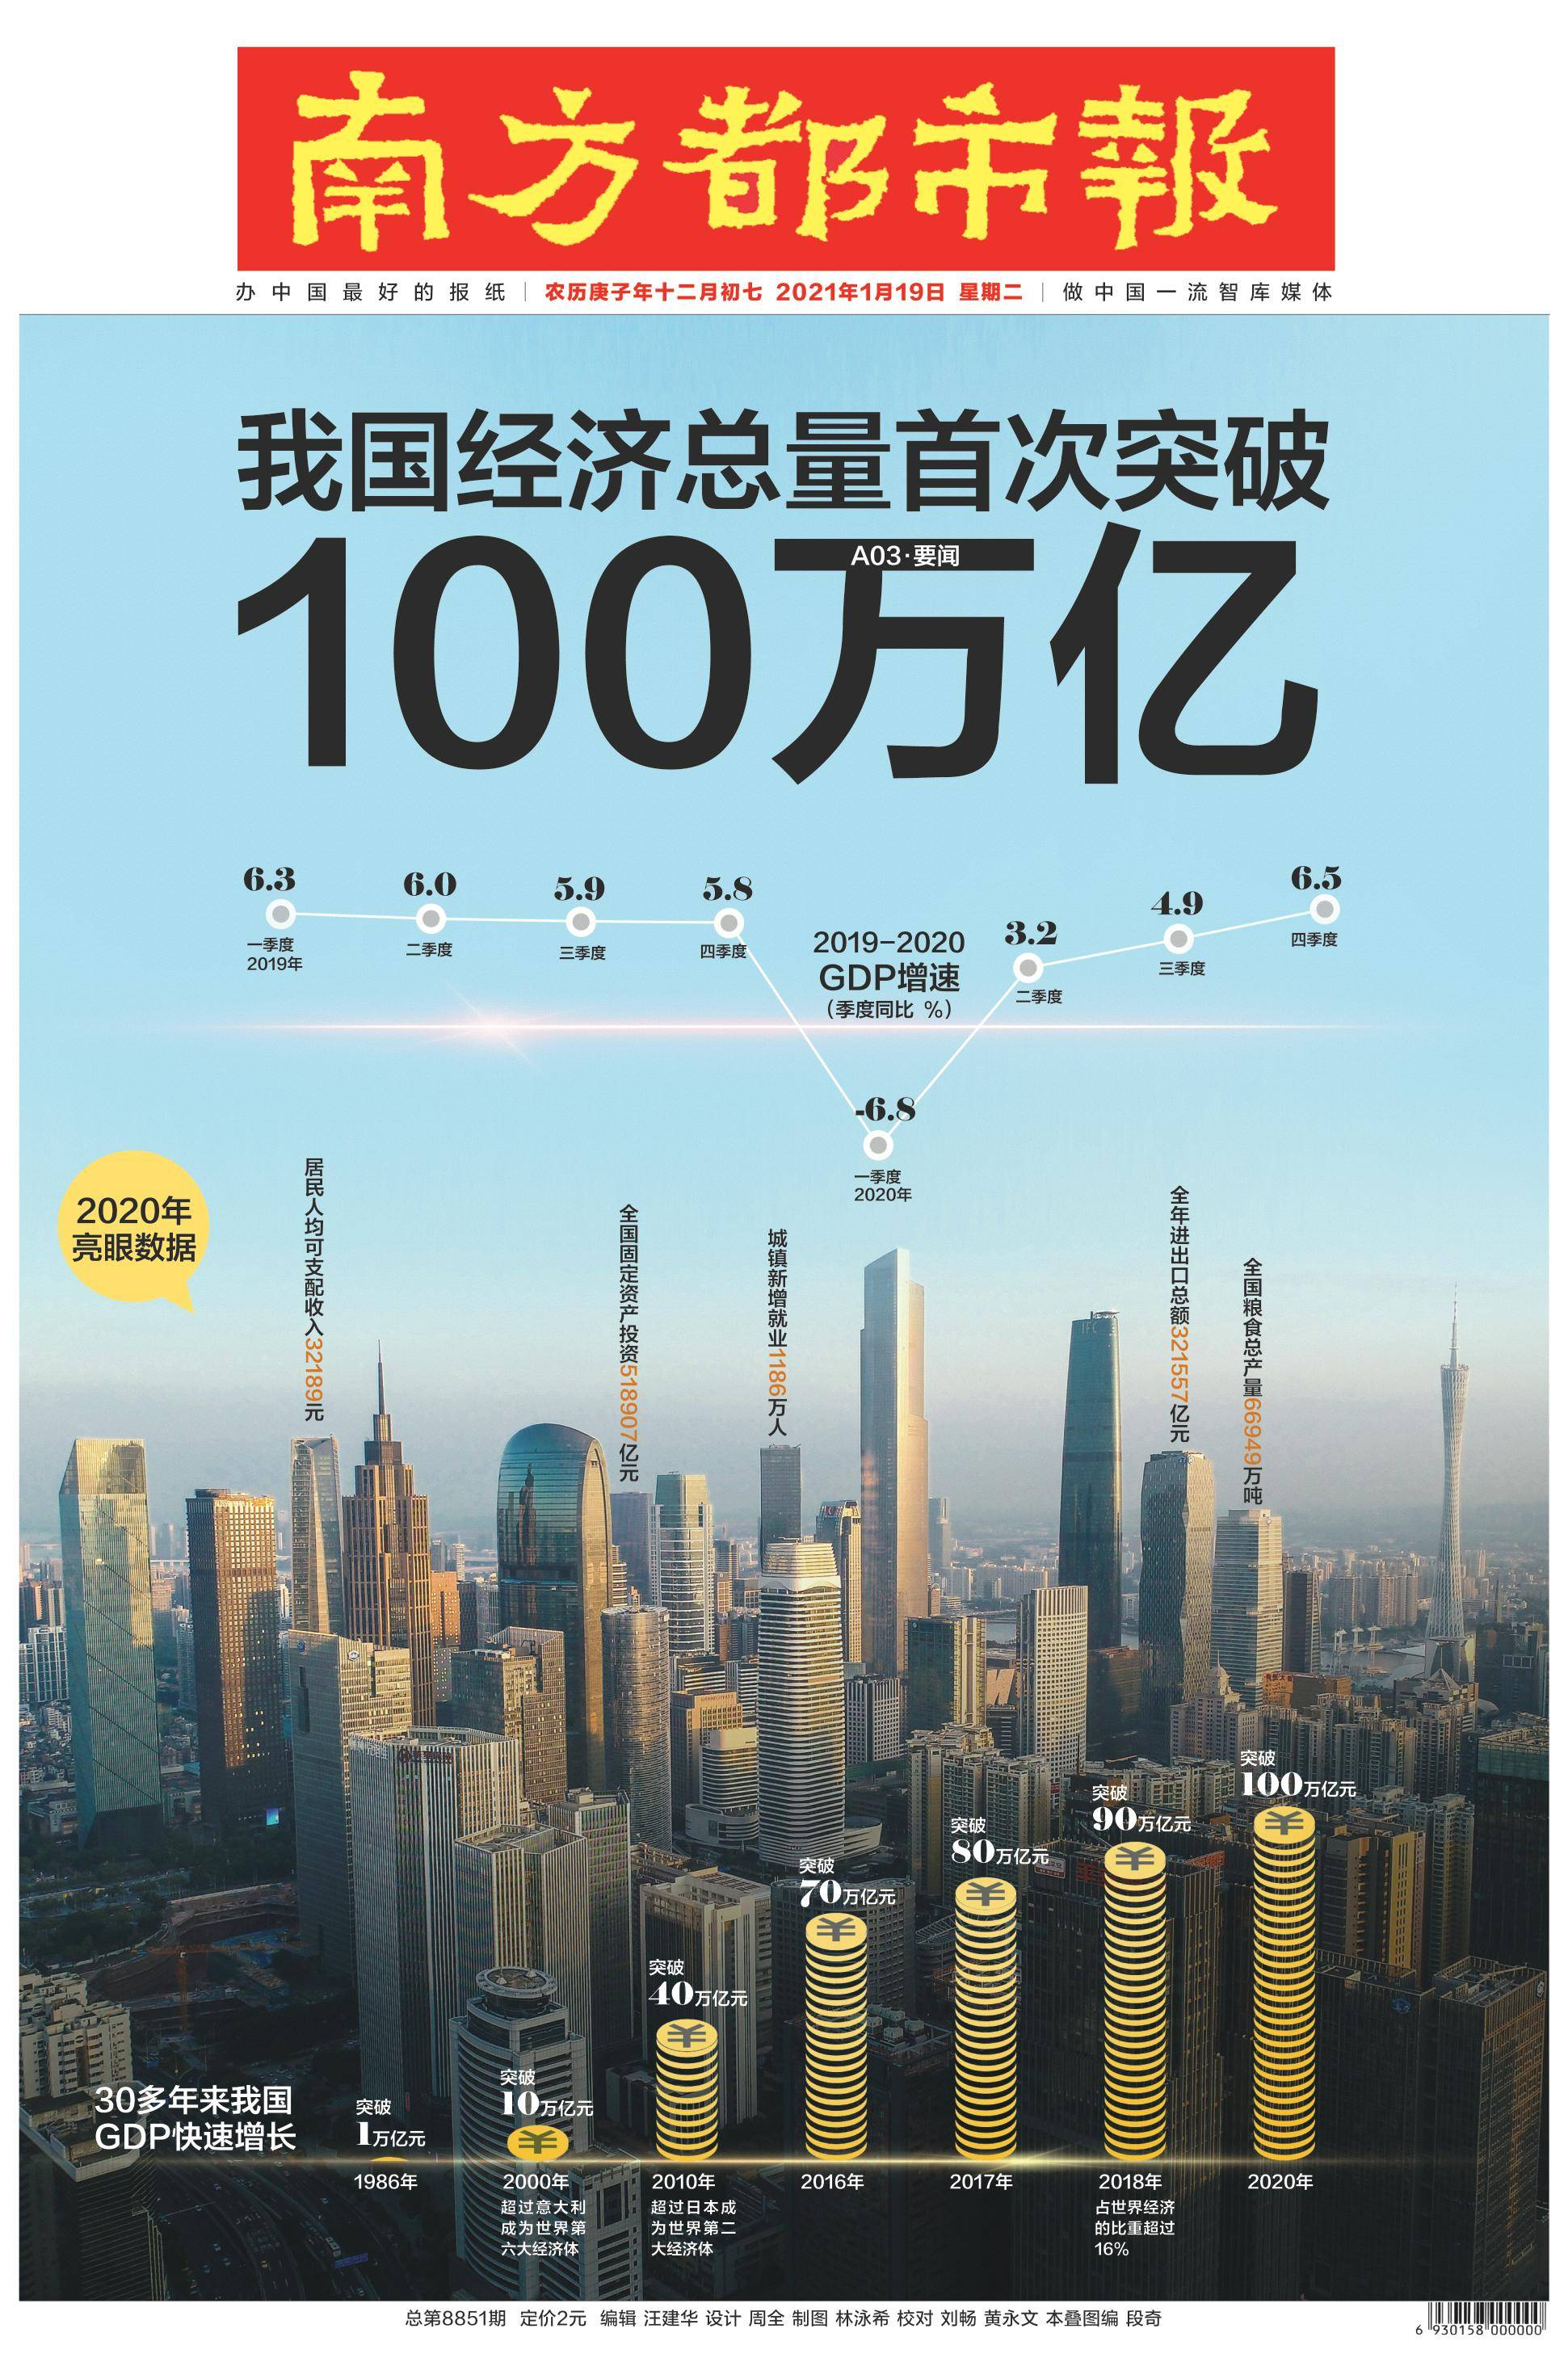 徐闻2020年经济总量目标_徐闻通缉犯名单2020年